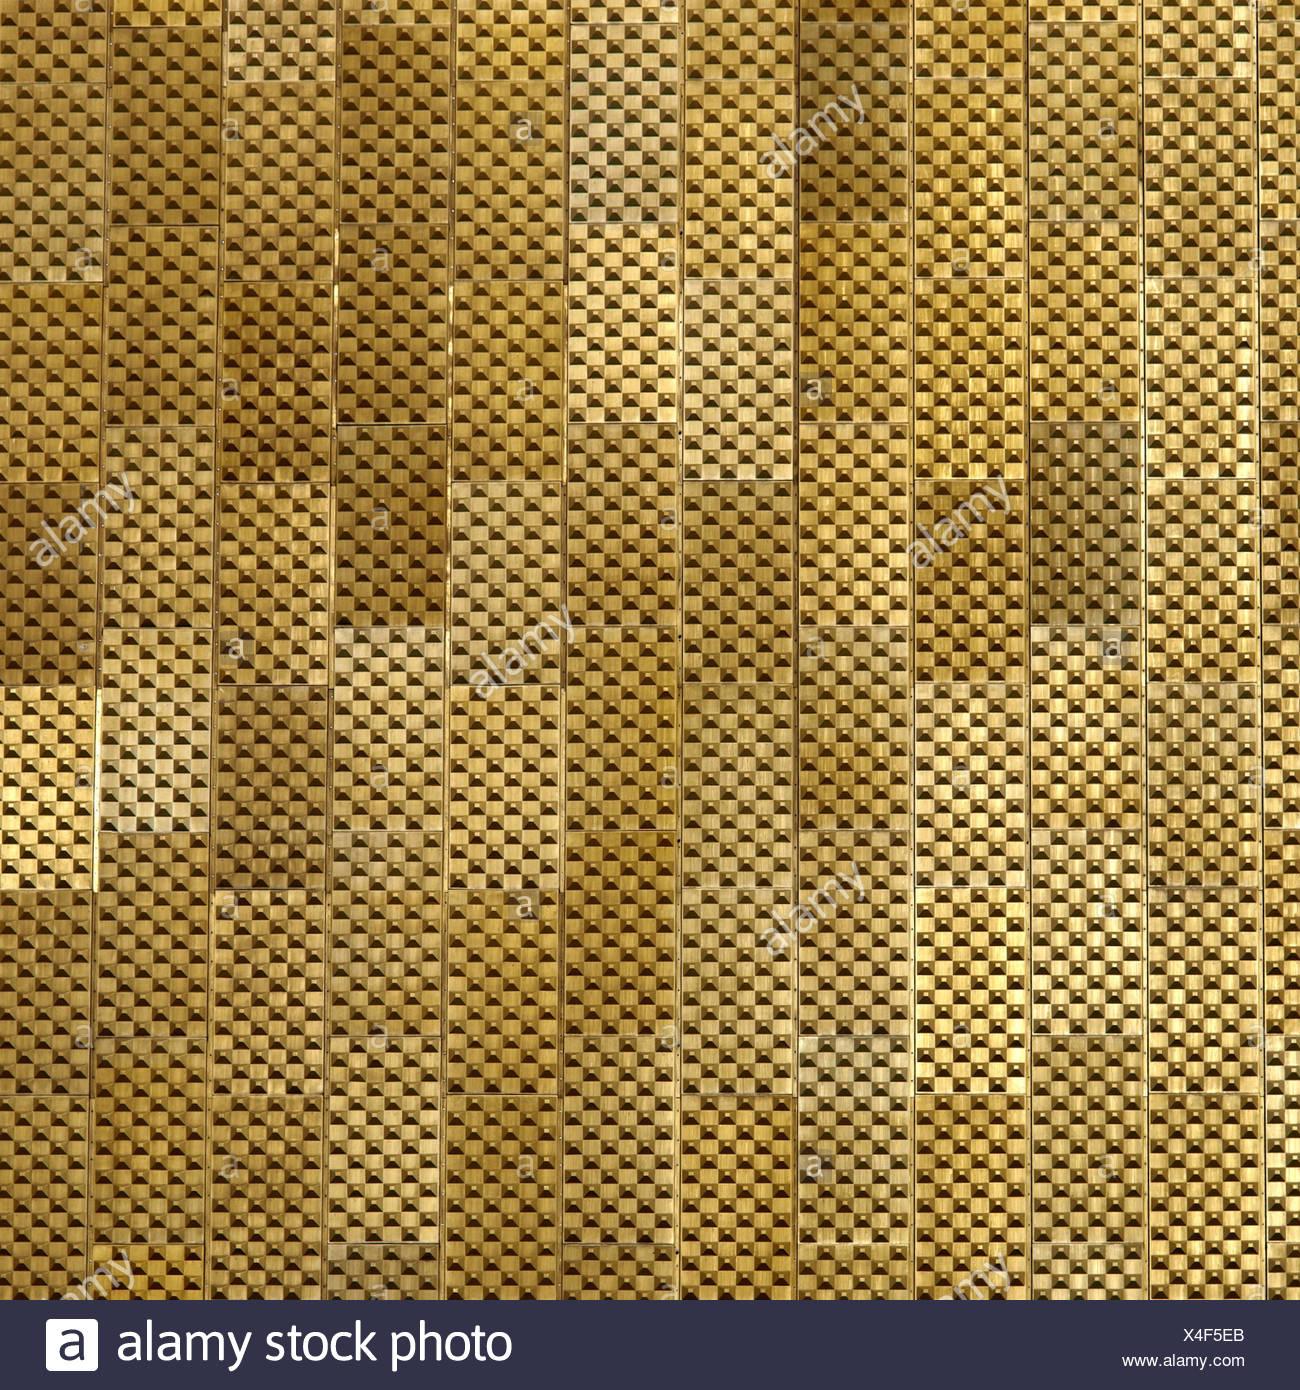 Bronze Metal Sheet Stock Photos & Bronze Metal Sheet Stock Images ...